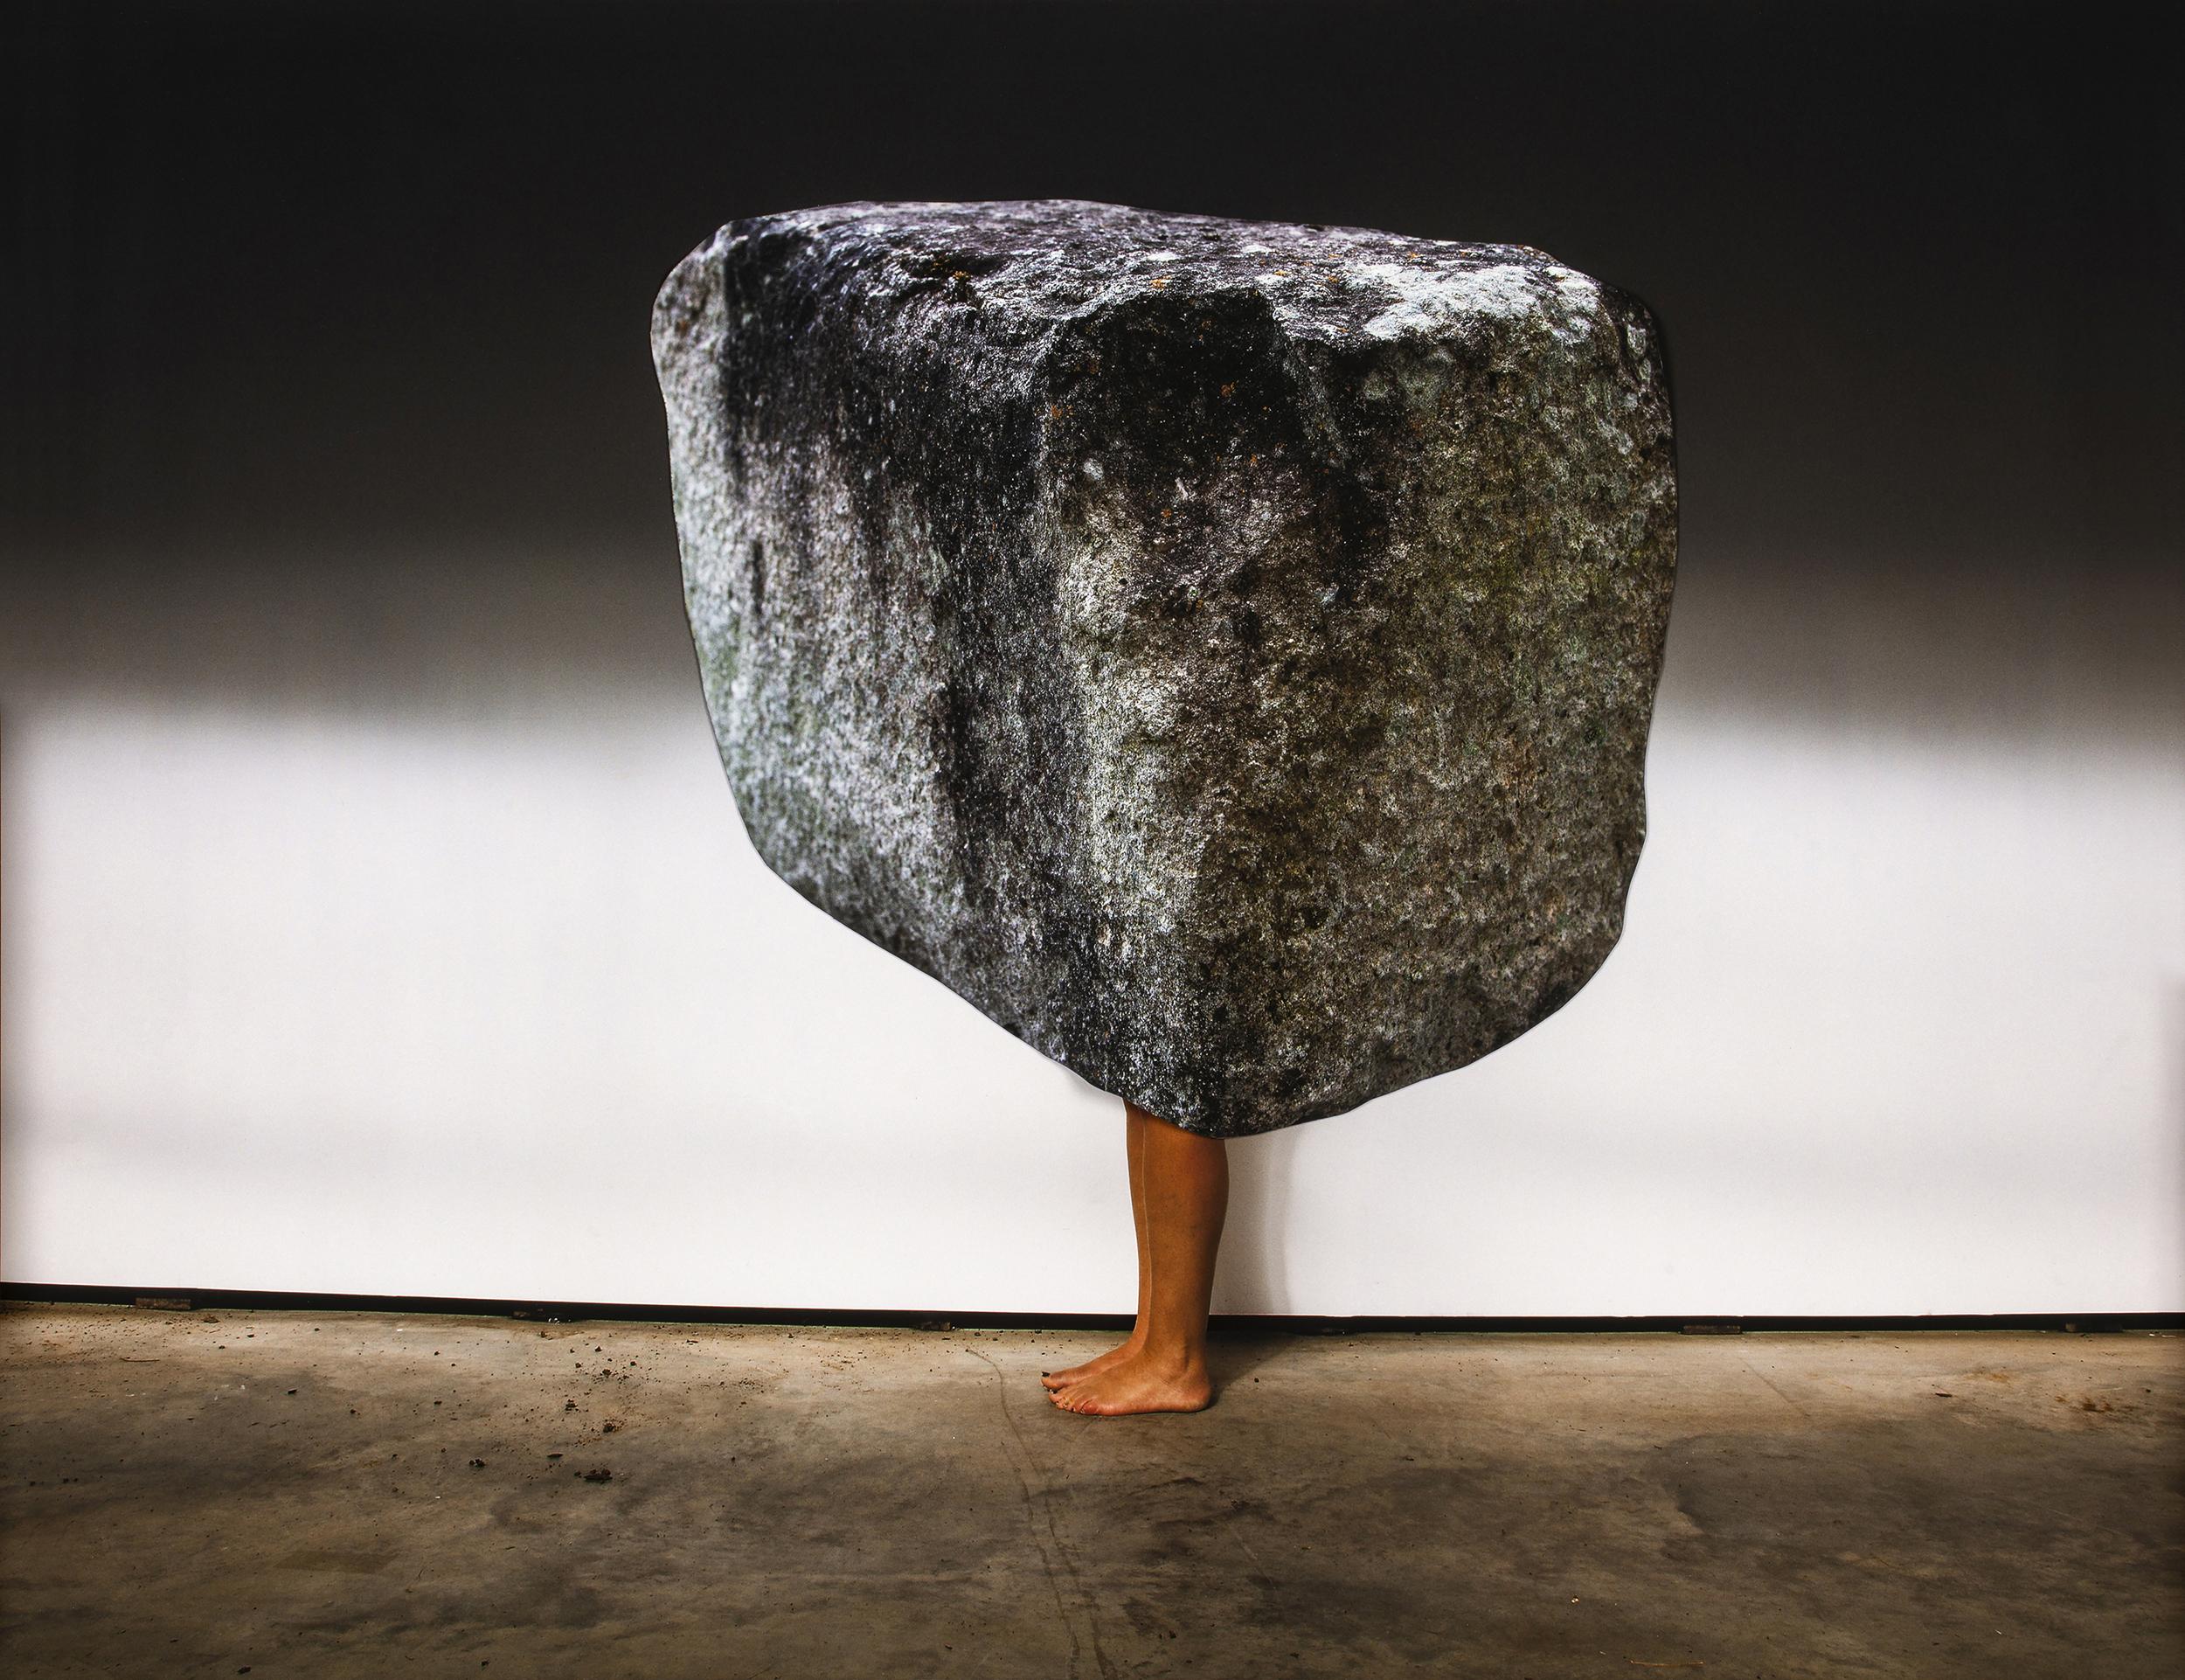 Ingapirca, Rock #5